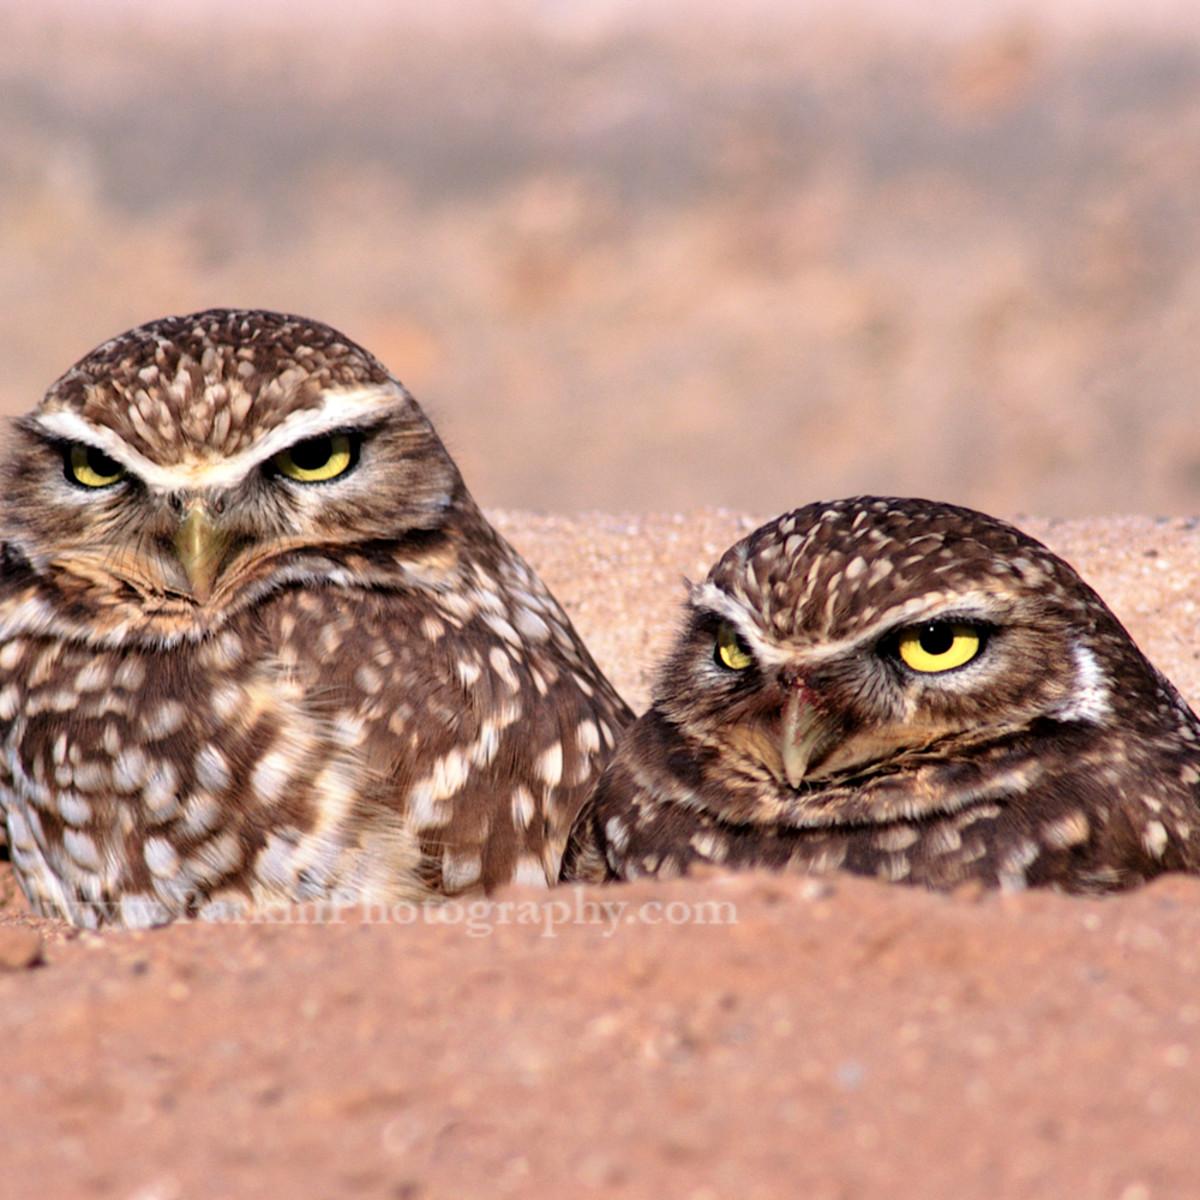 Burrowing owls 479 asf nrsdbg